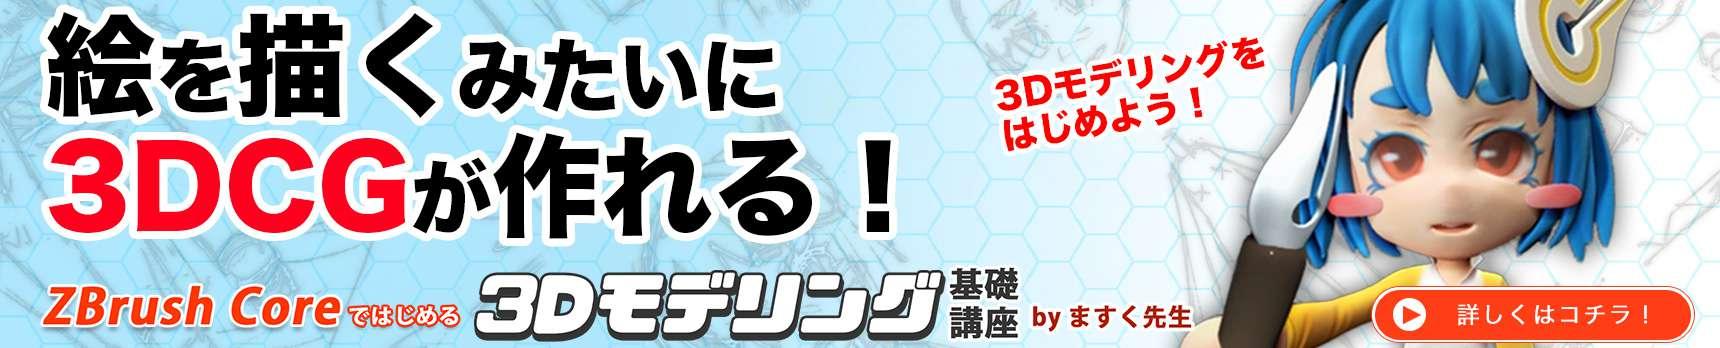 Sakamoto banner pc2